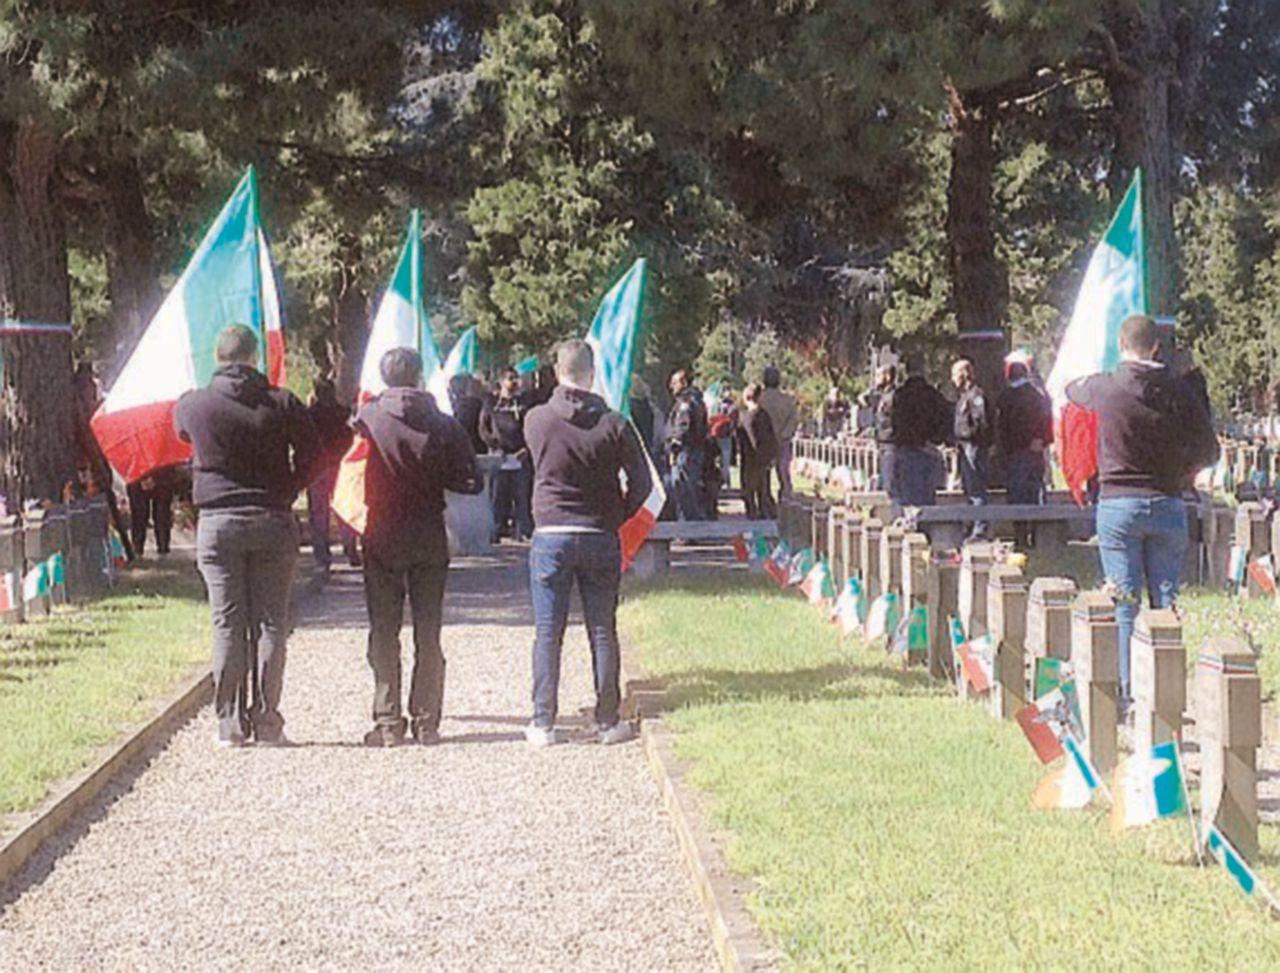 """La festa di Milano: no alla parata """"nera"""", Brigata ebraica alla manifestazione"""